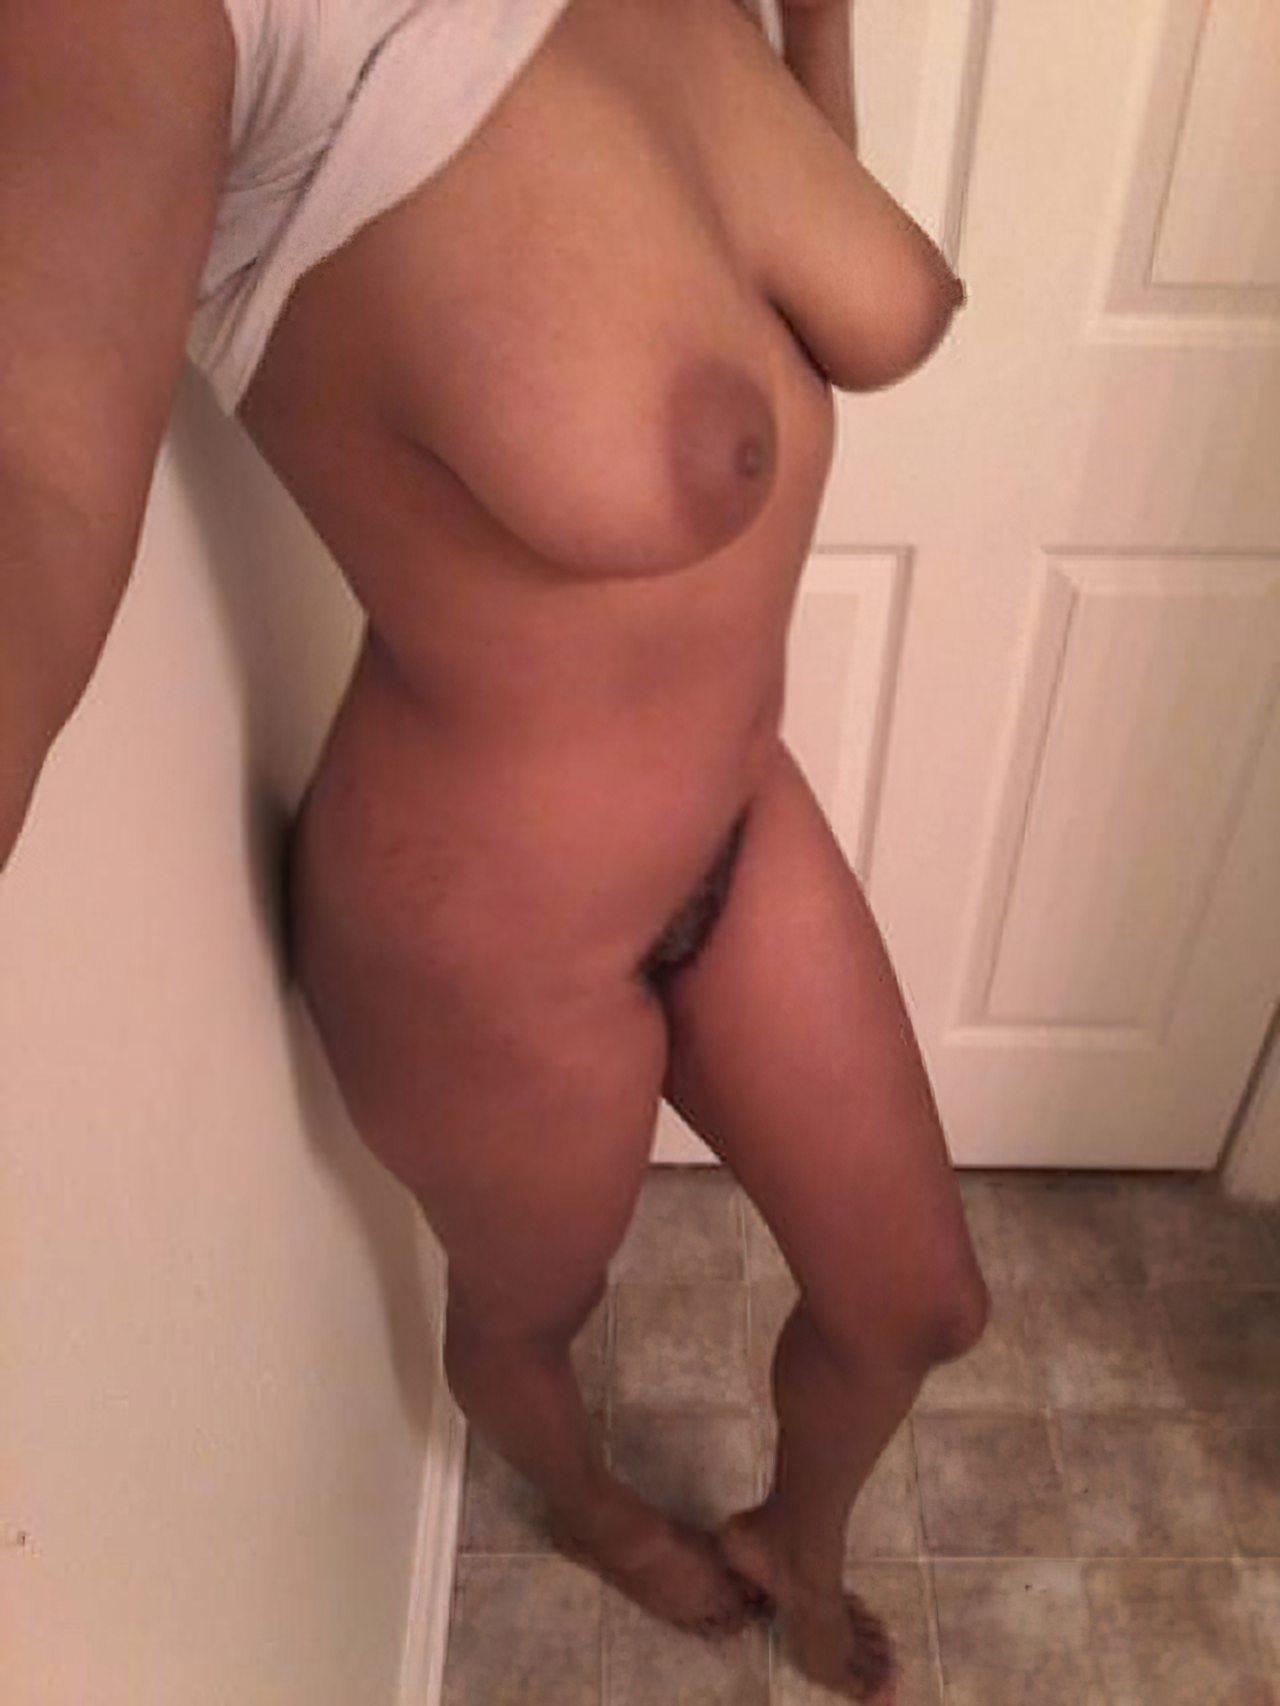 Nudes Morena Adolescente (2)